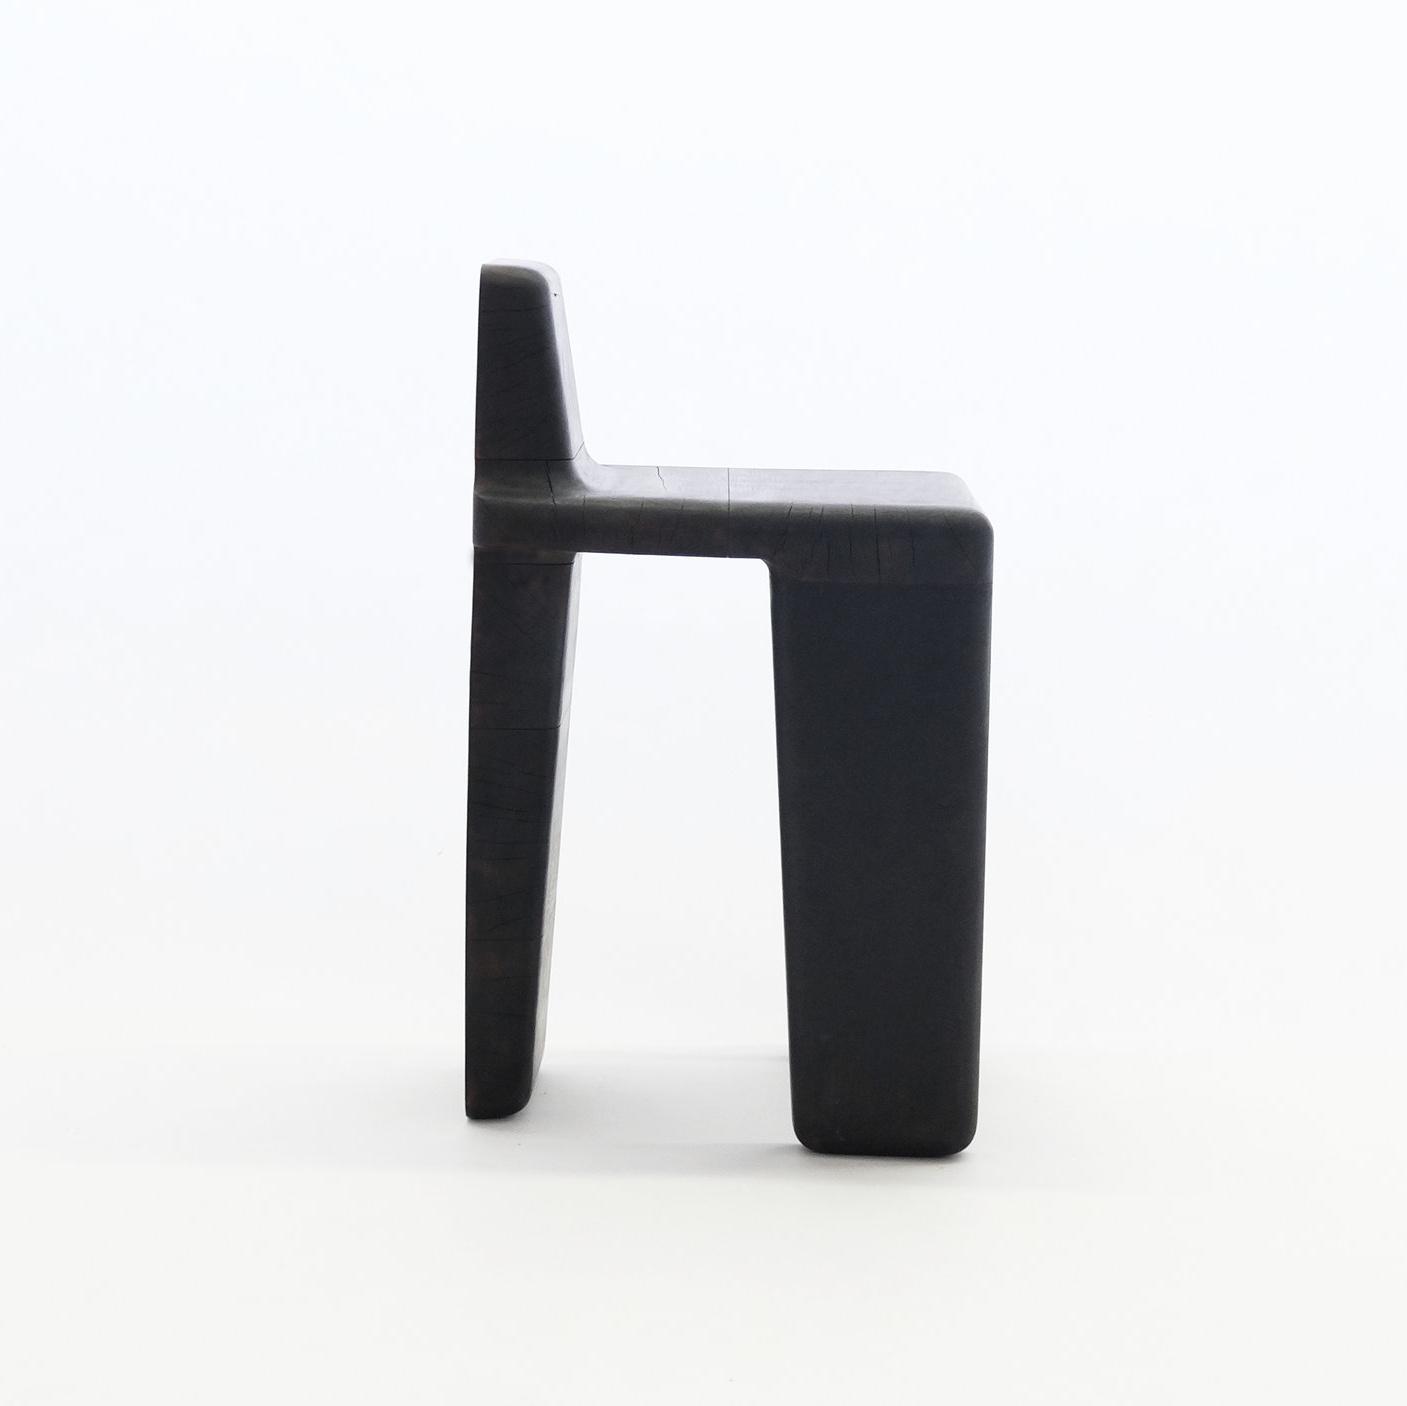 Bone Chairs by Loïc Bard